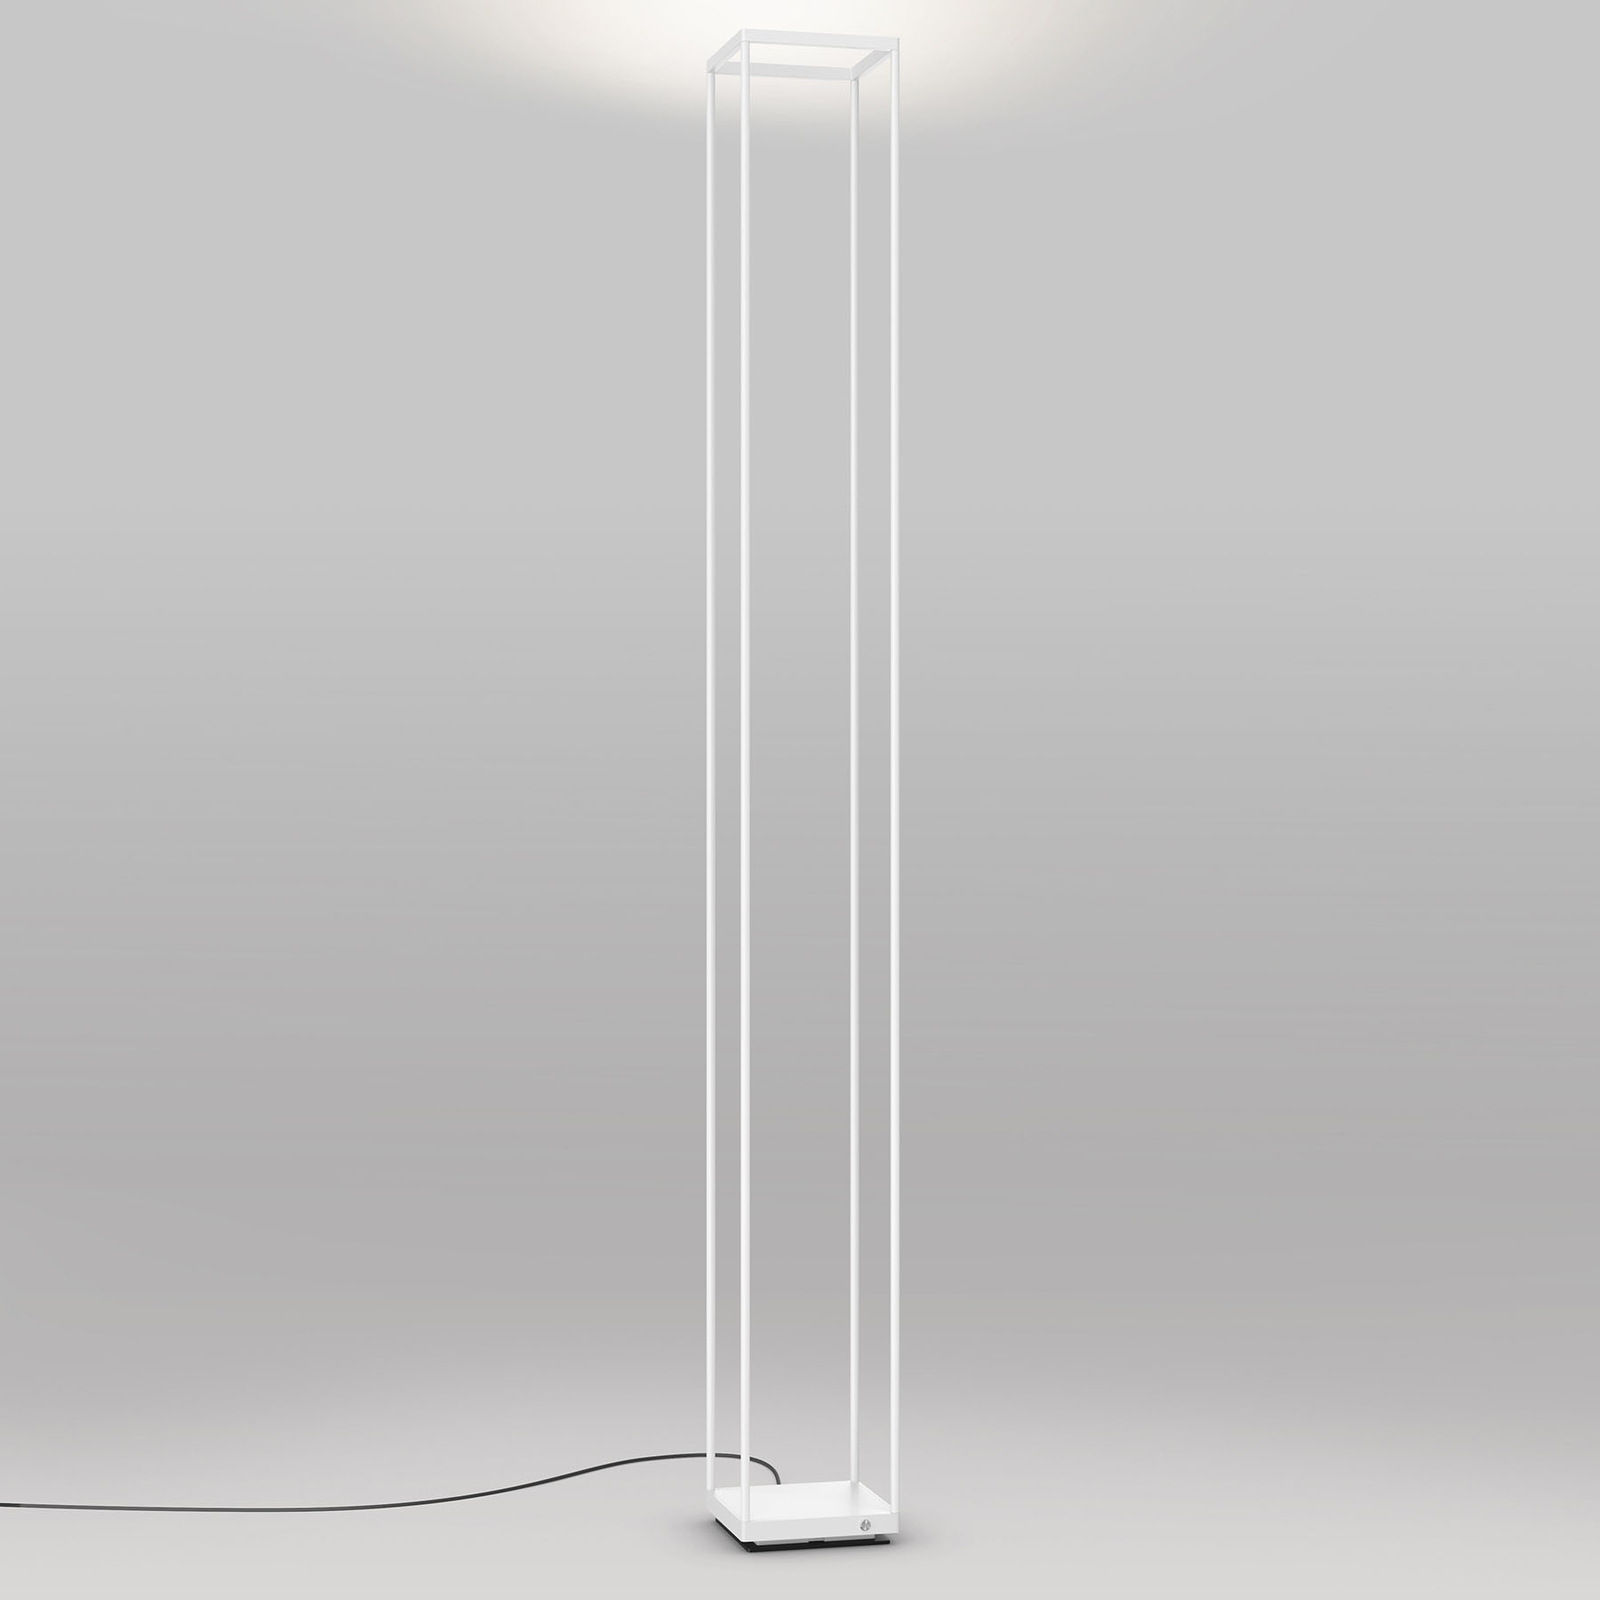 serien.lighting Reflex² S LED-Stehleuchte weiß